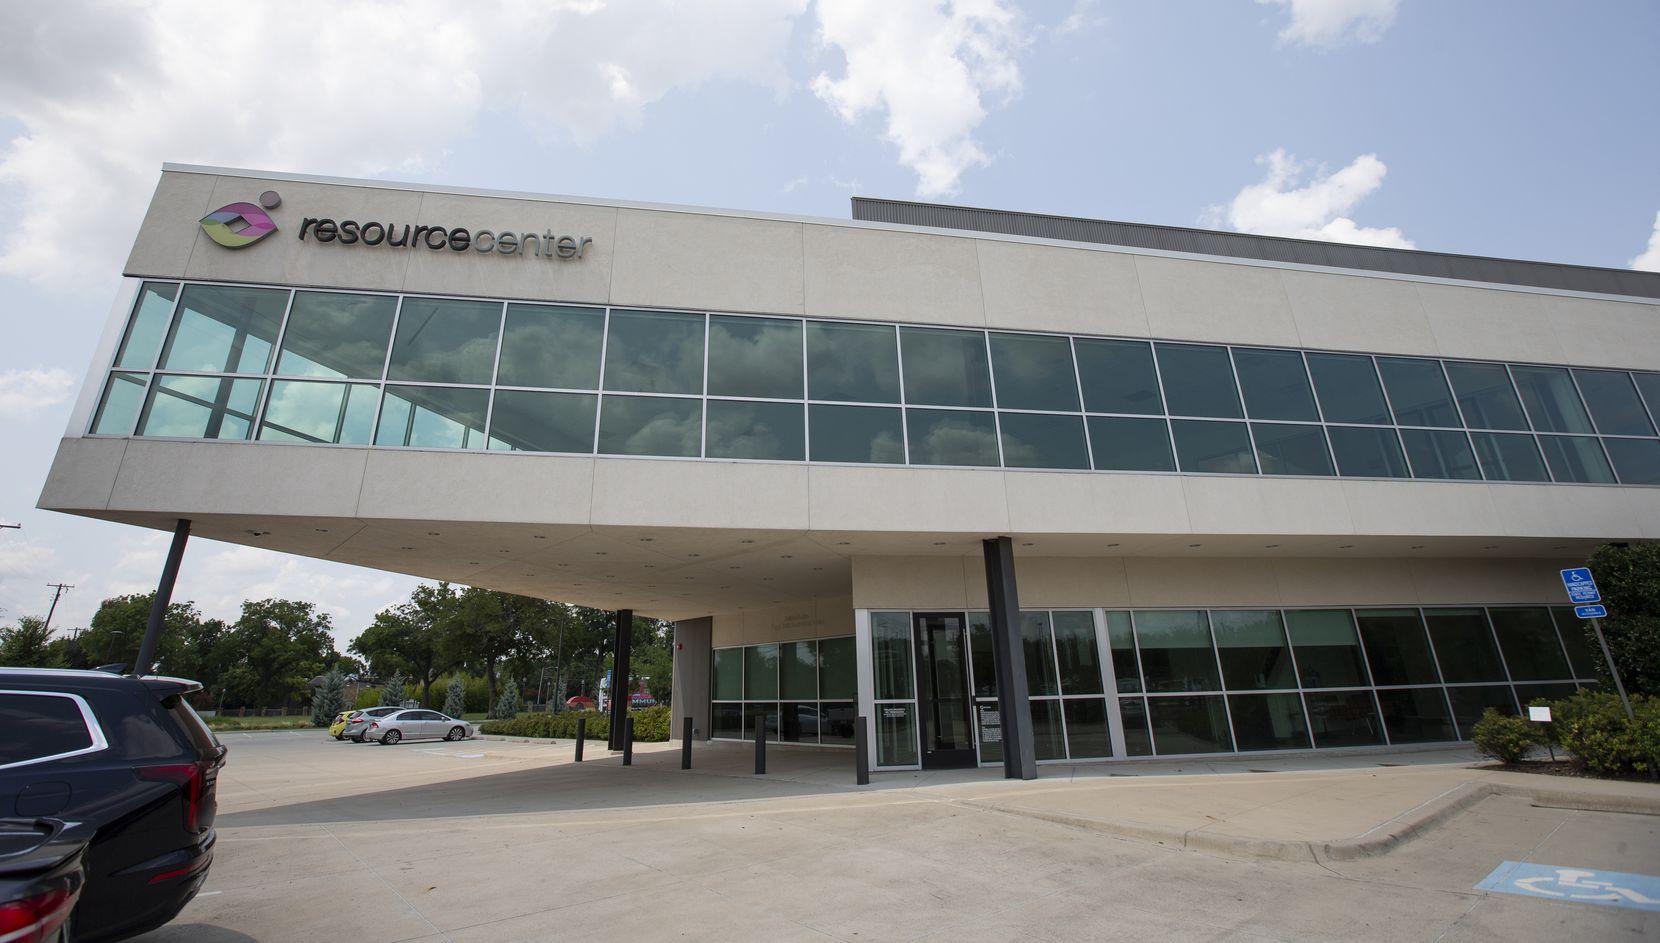 Resource Center, Dallas' LGBTQ community center.